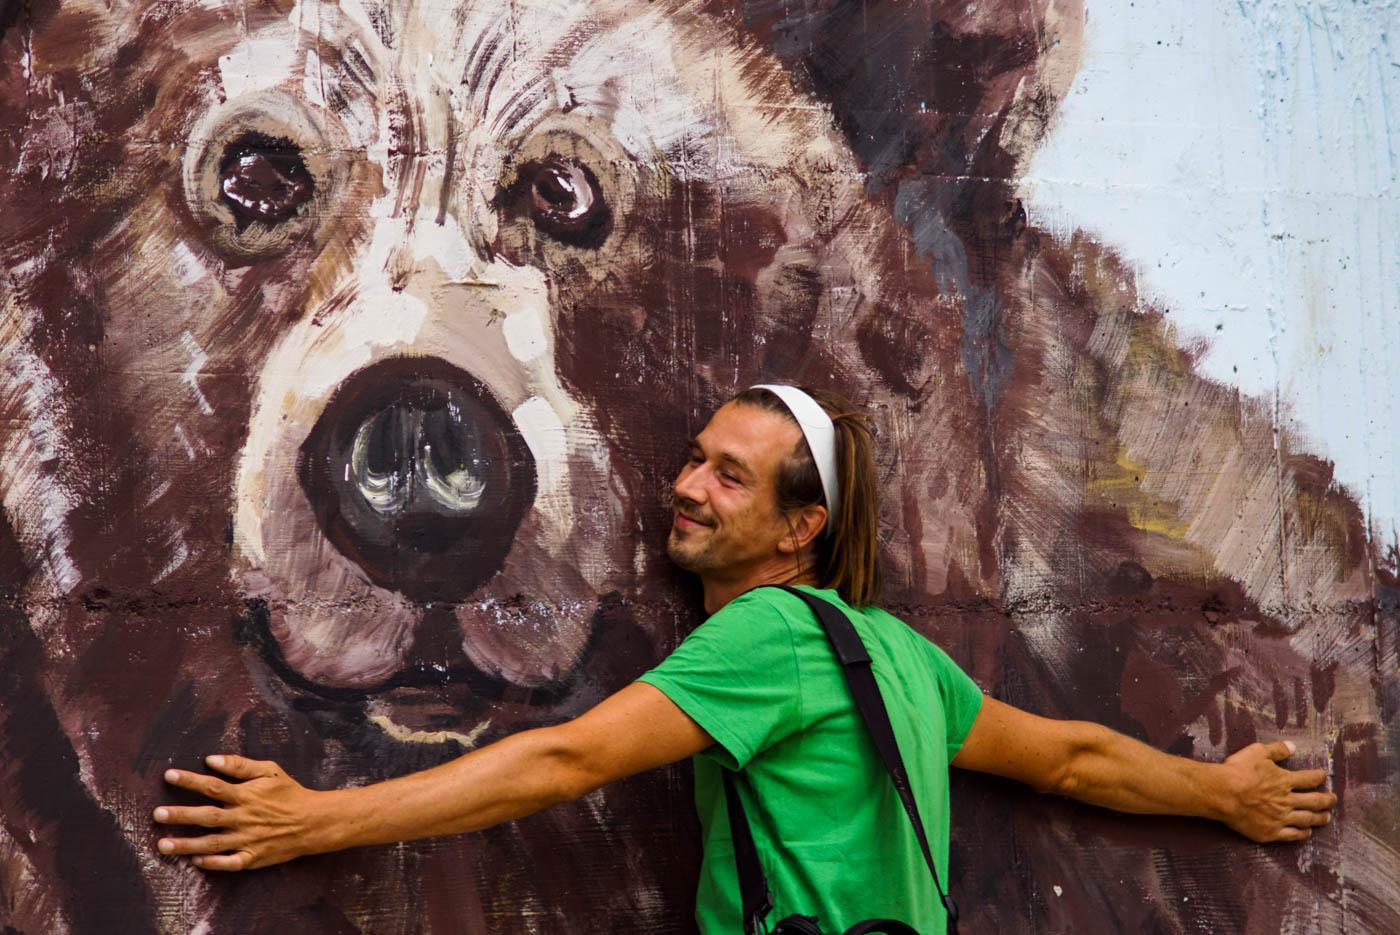 Es ist ein übergroßer Bär an eine Wand im Bären Sanatorium in der Nähe von Pristina gemalt. Paul lehnt sich an die Wand und umarmt den Bären lächelnd